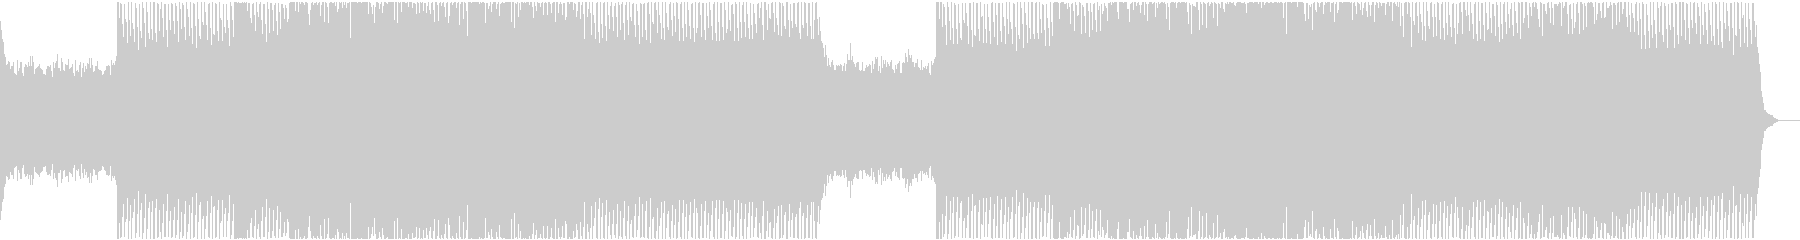 楽しげなエレキギターリフのエレクトロニカの未再生の波形